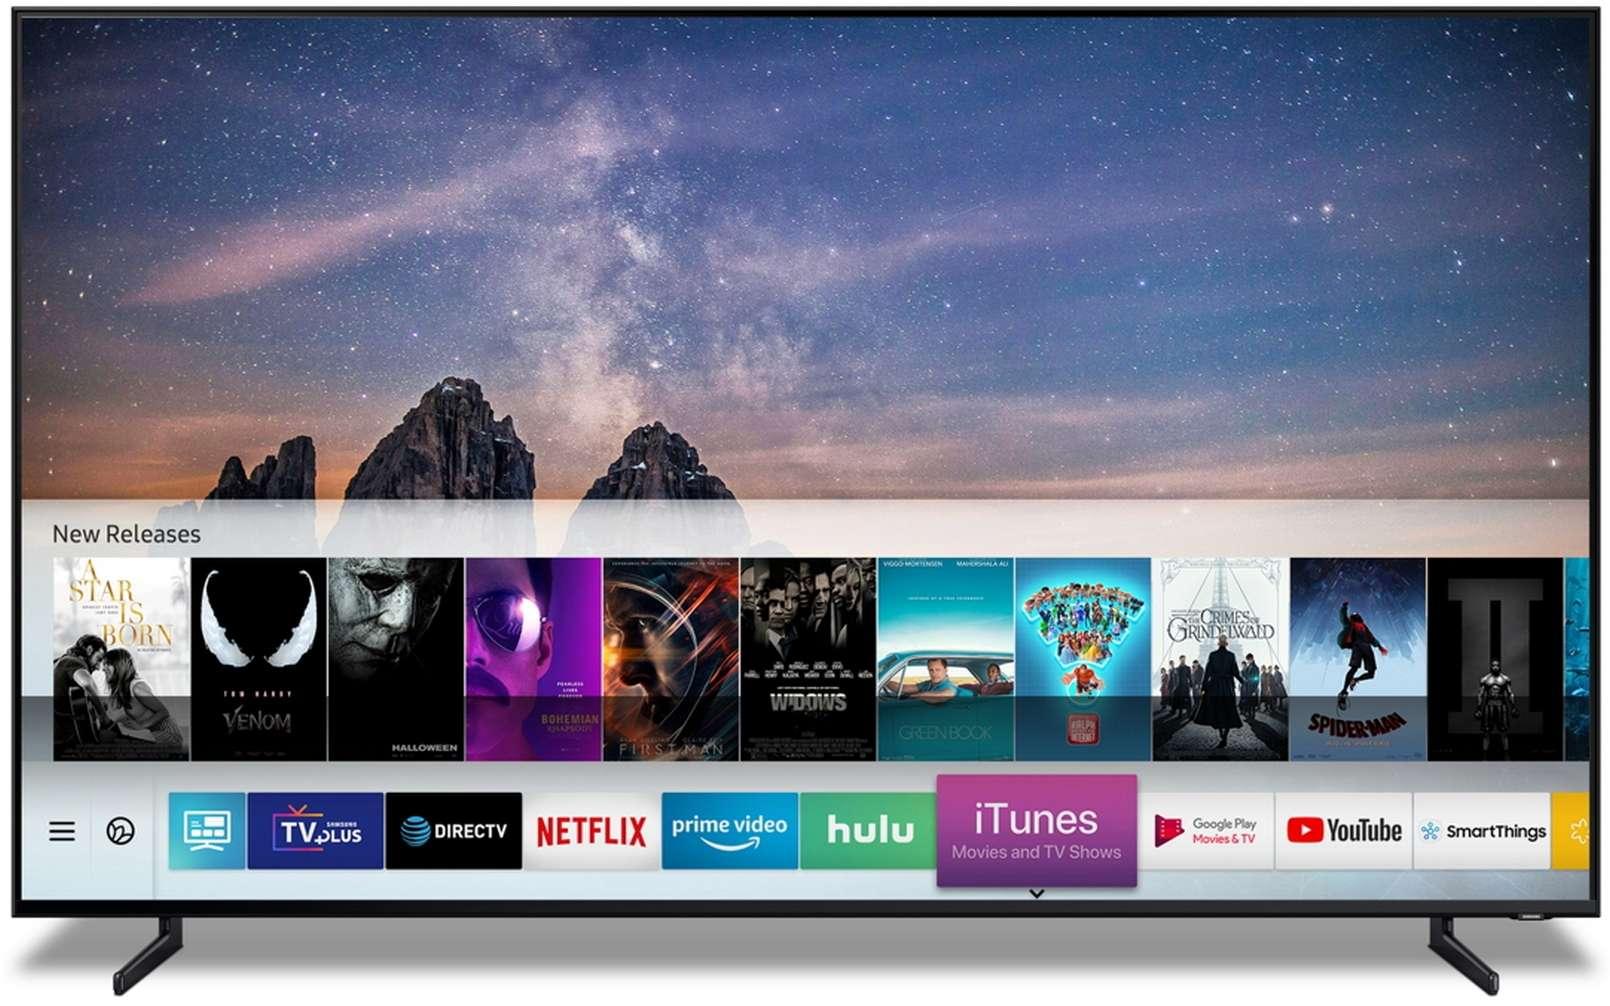 L'arrivée d'iTunes sur des téléviseurs connectés est une première. © Samsung